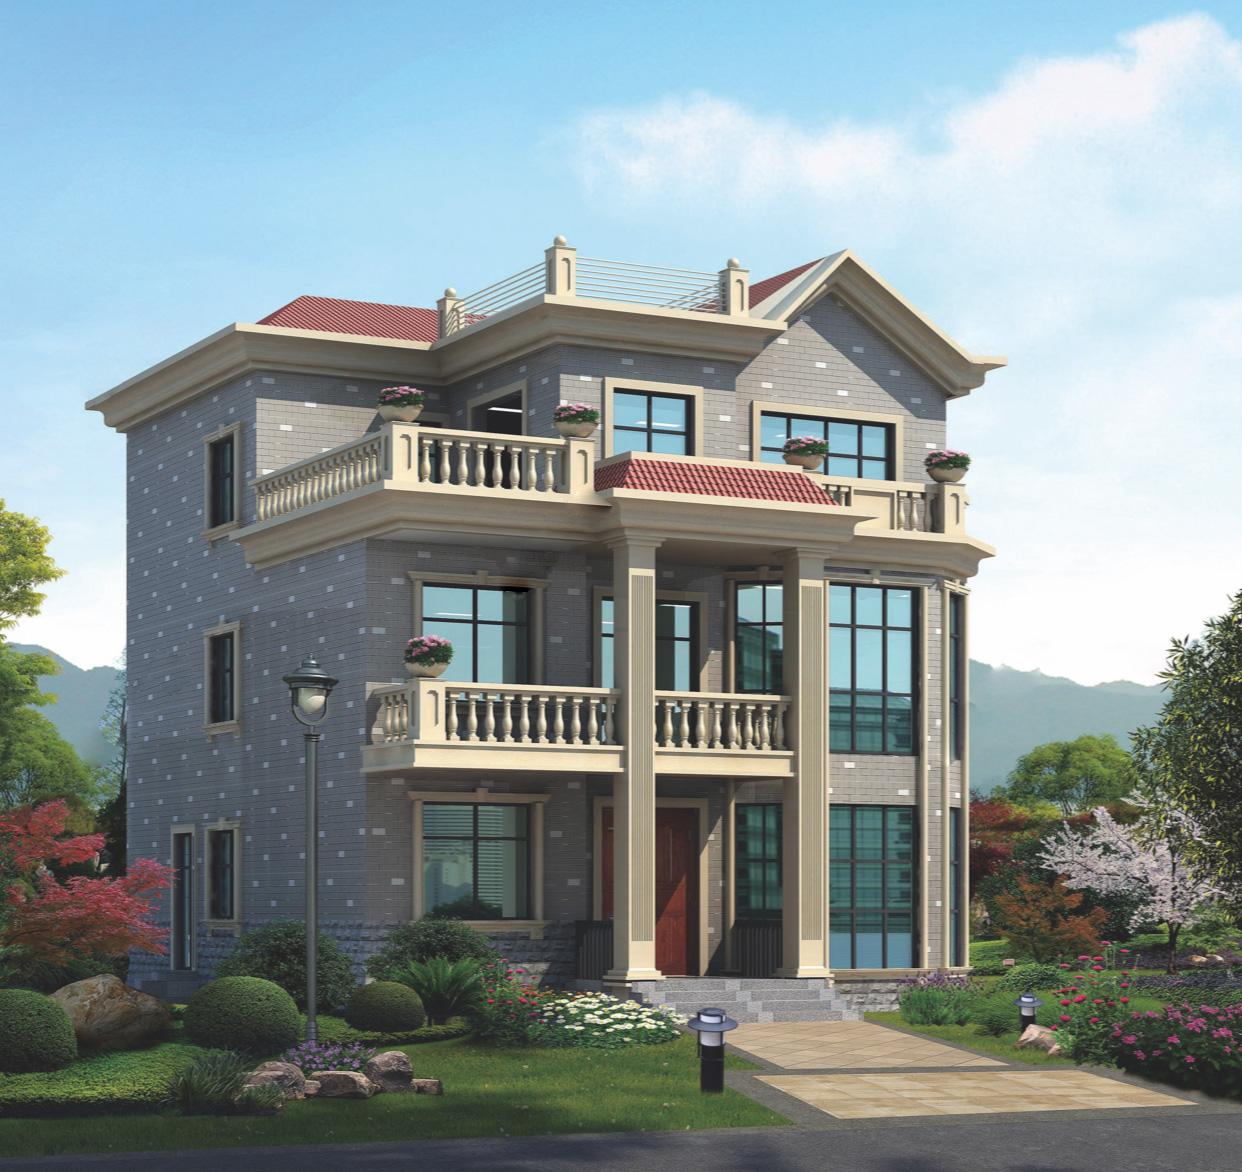 四川成都481平米三层轻钢别墅施工案例